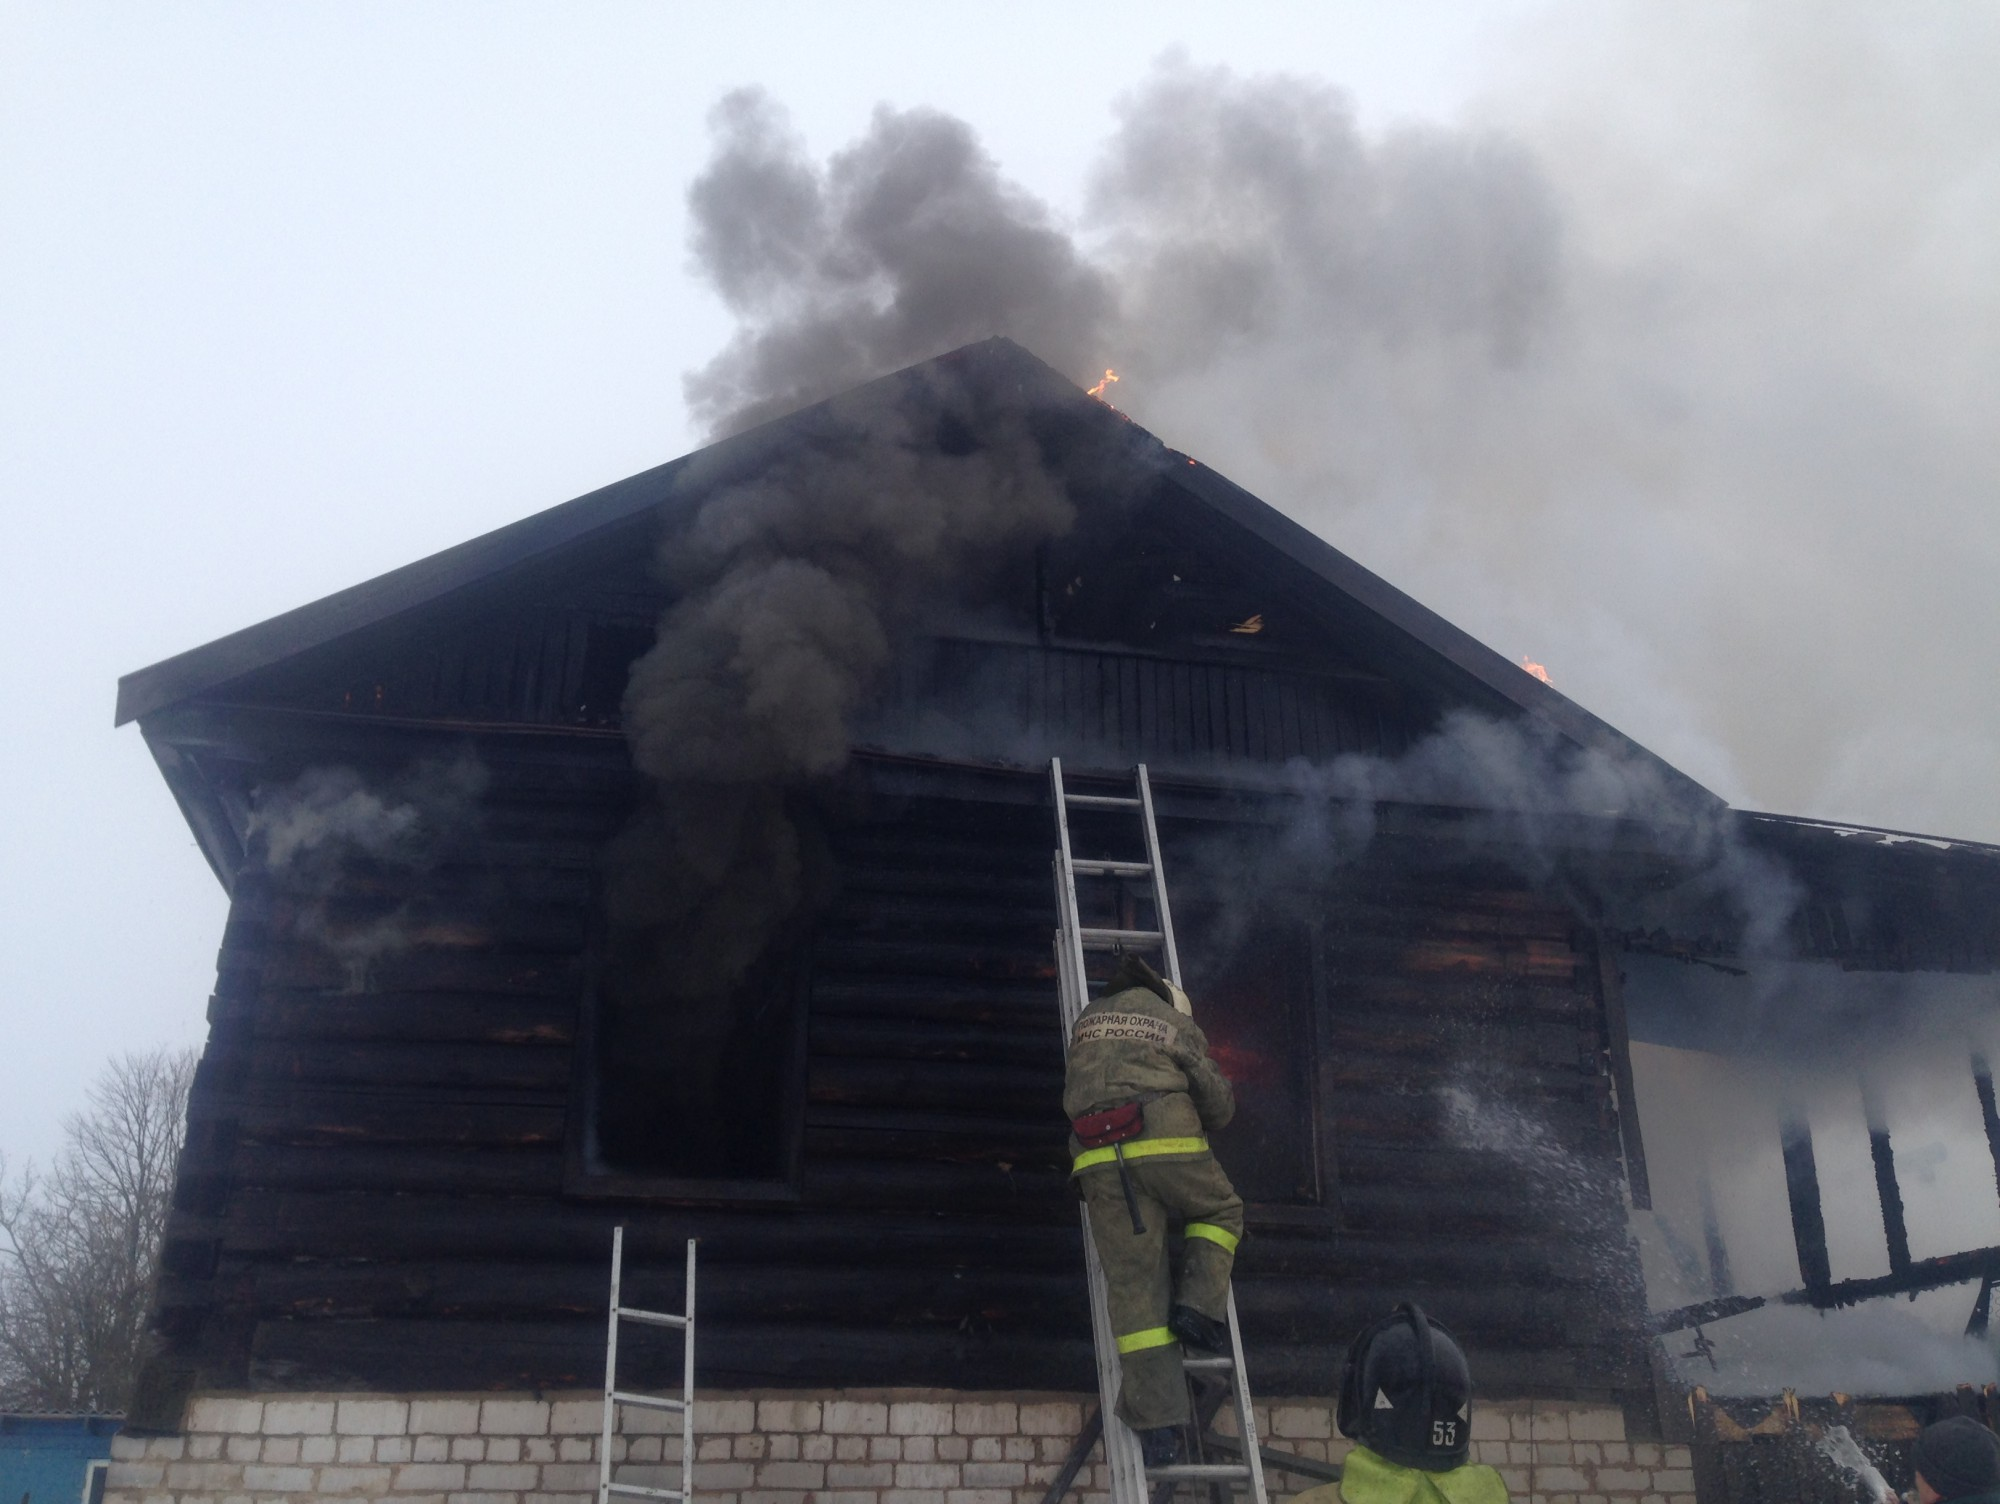 ВТверской области в итоге пожара погибли мать и ее полуторагодовалая дочь